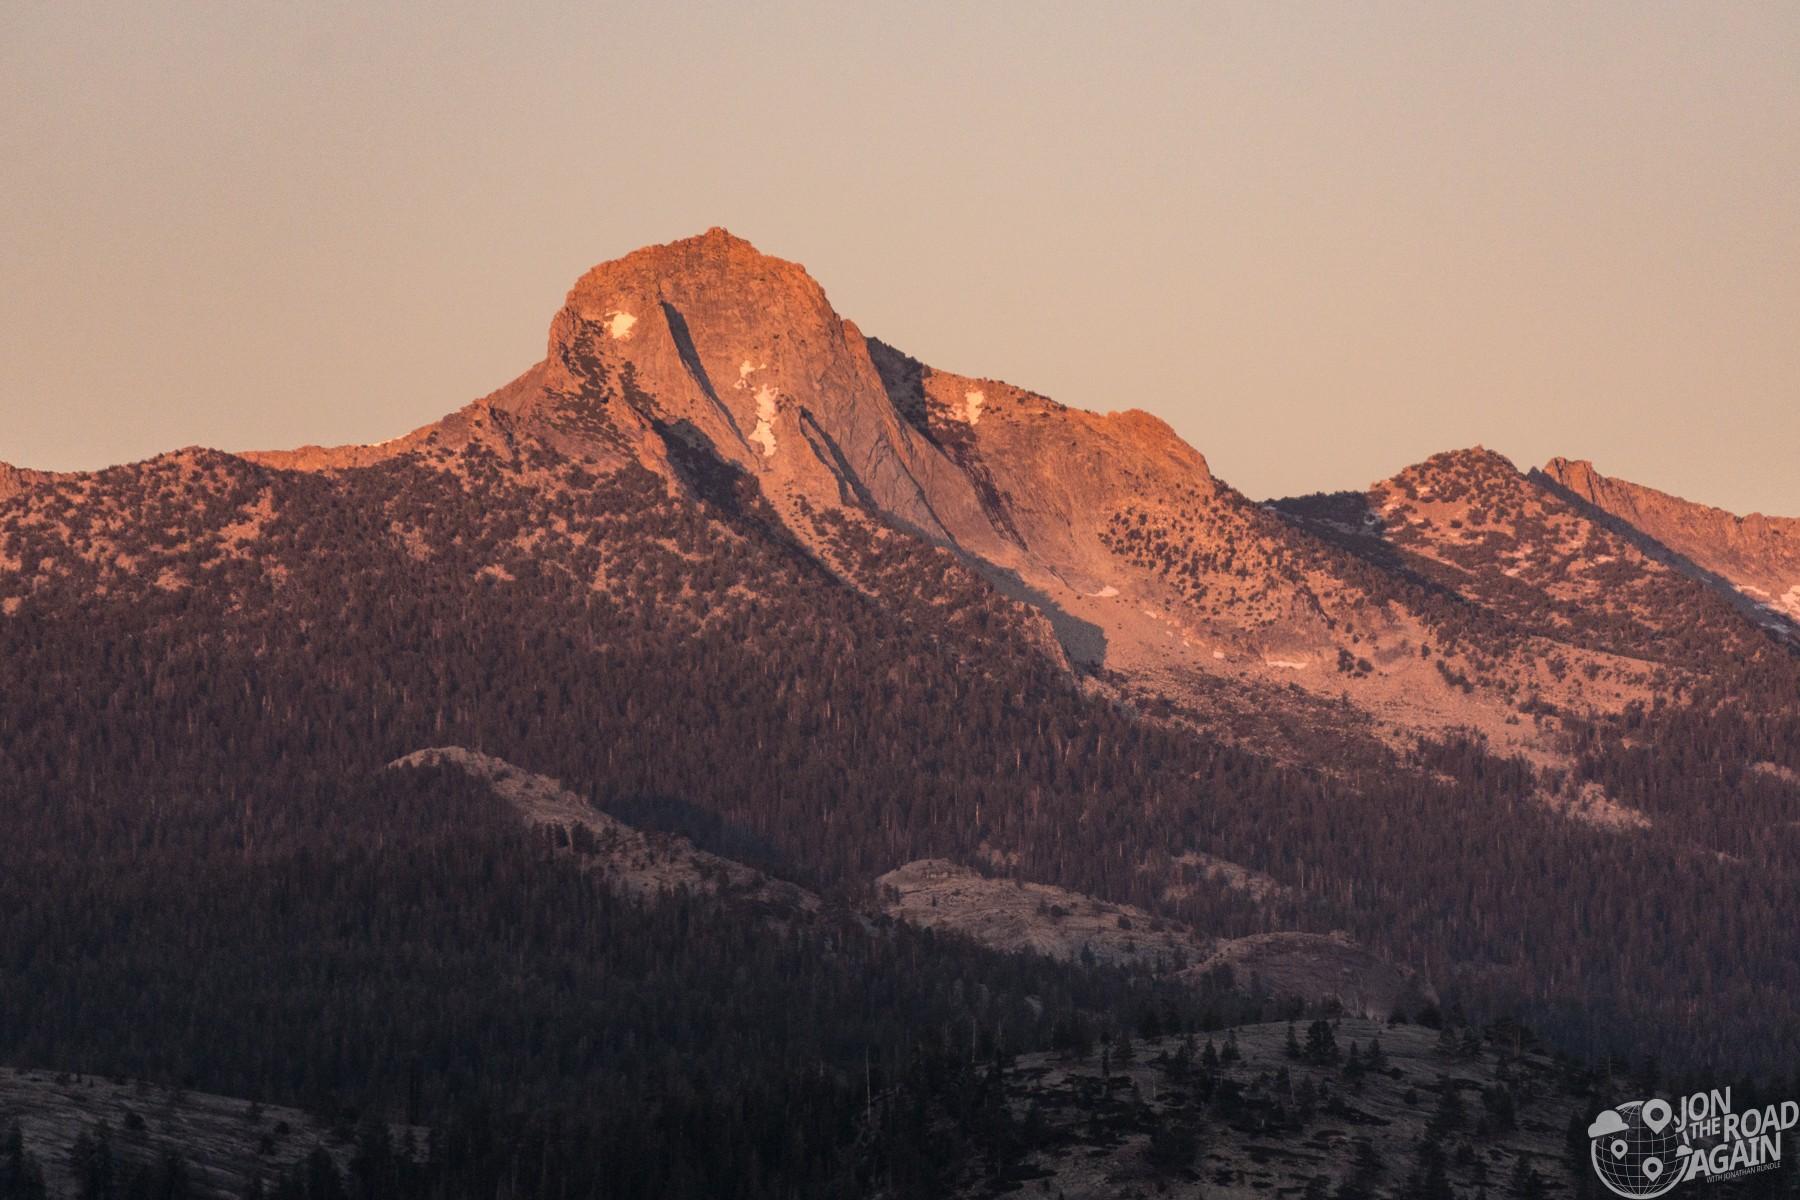 Alpenglow on Sierra Nevada